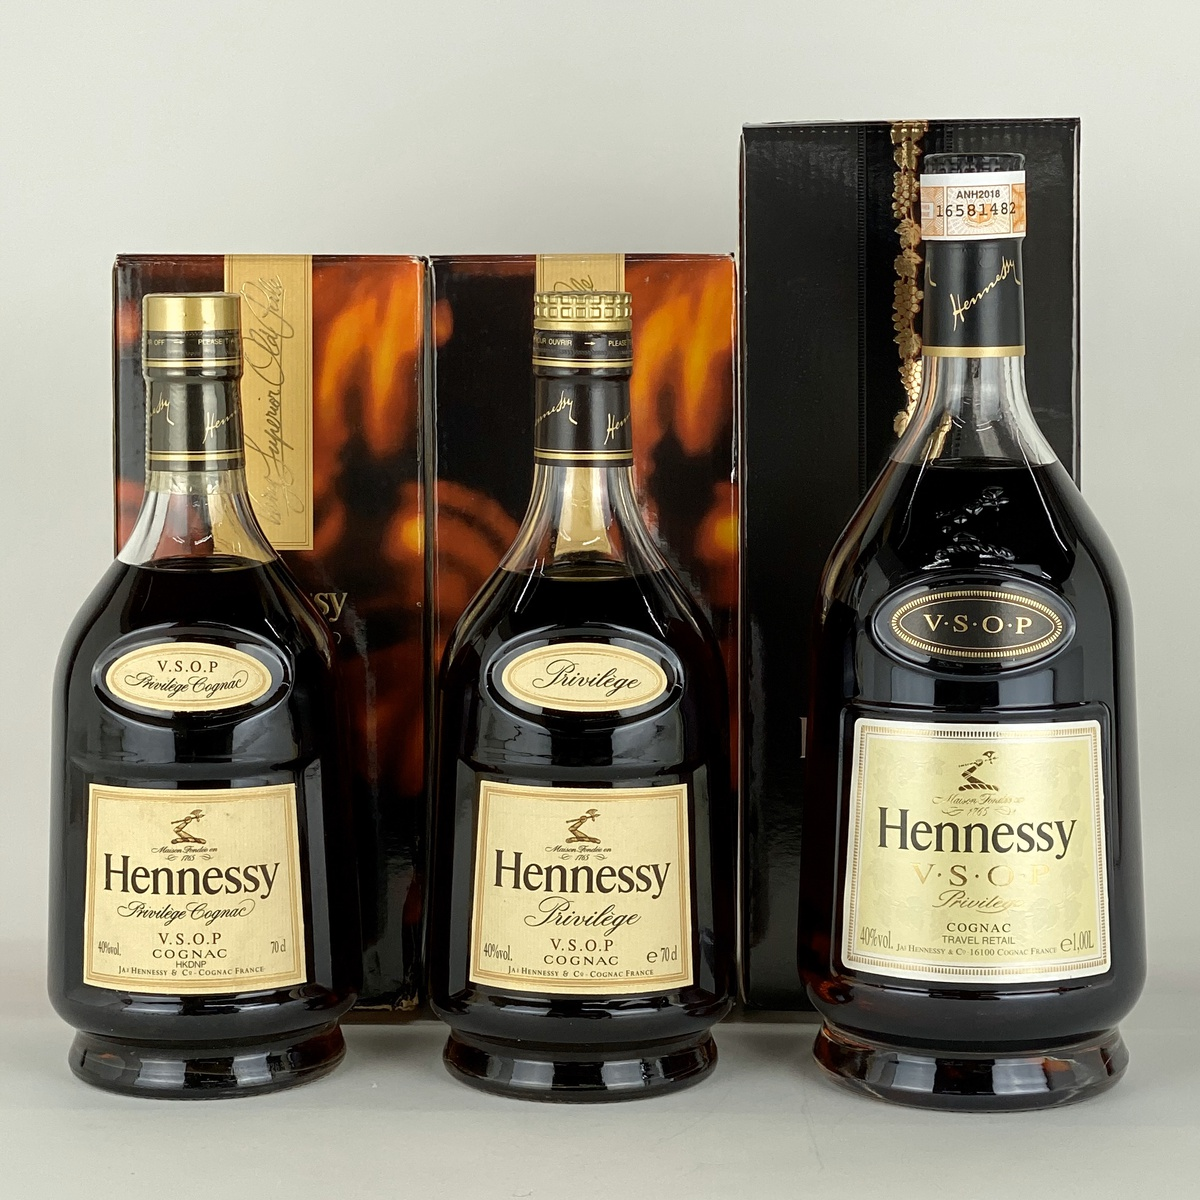 ヘネシー Hennessy VSOP プリヴィレッジ 3本セット ブランデー セット 【古酒】